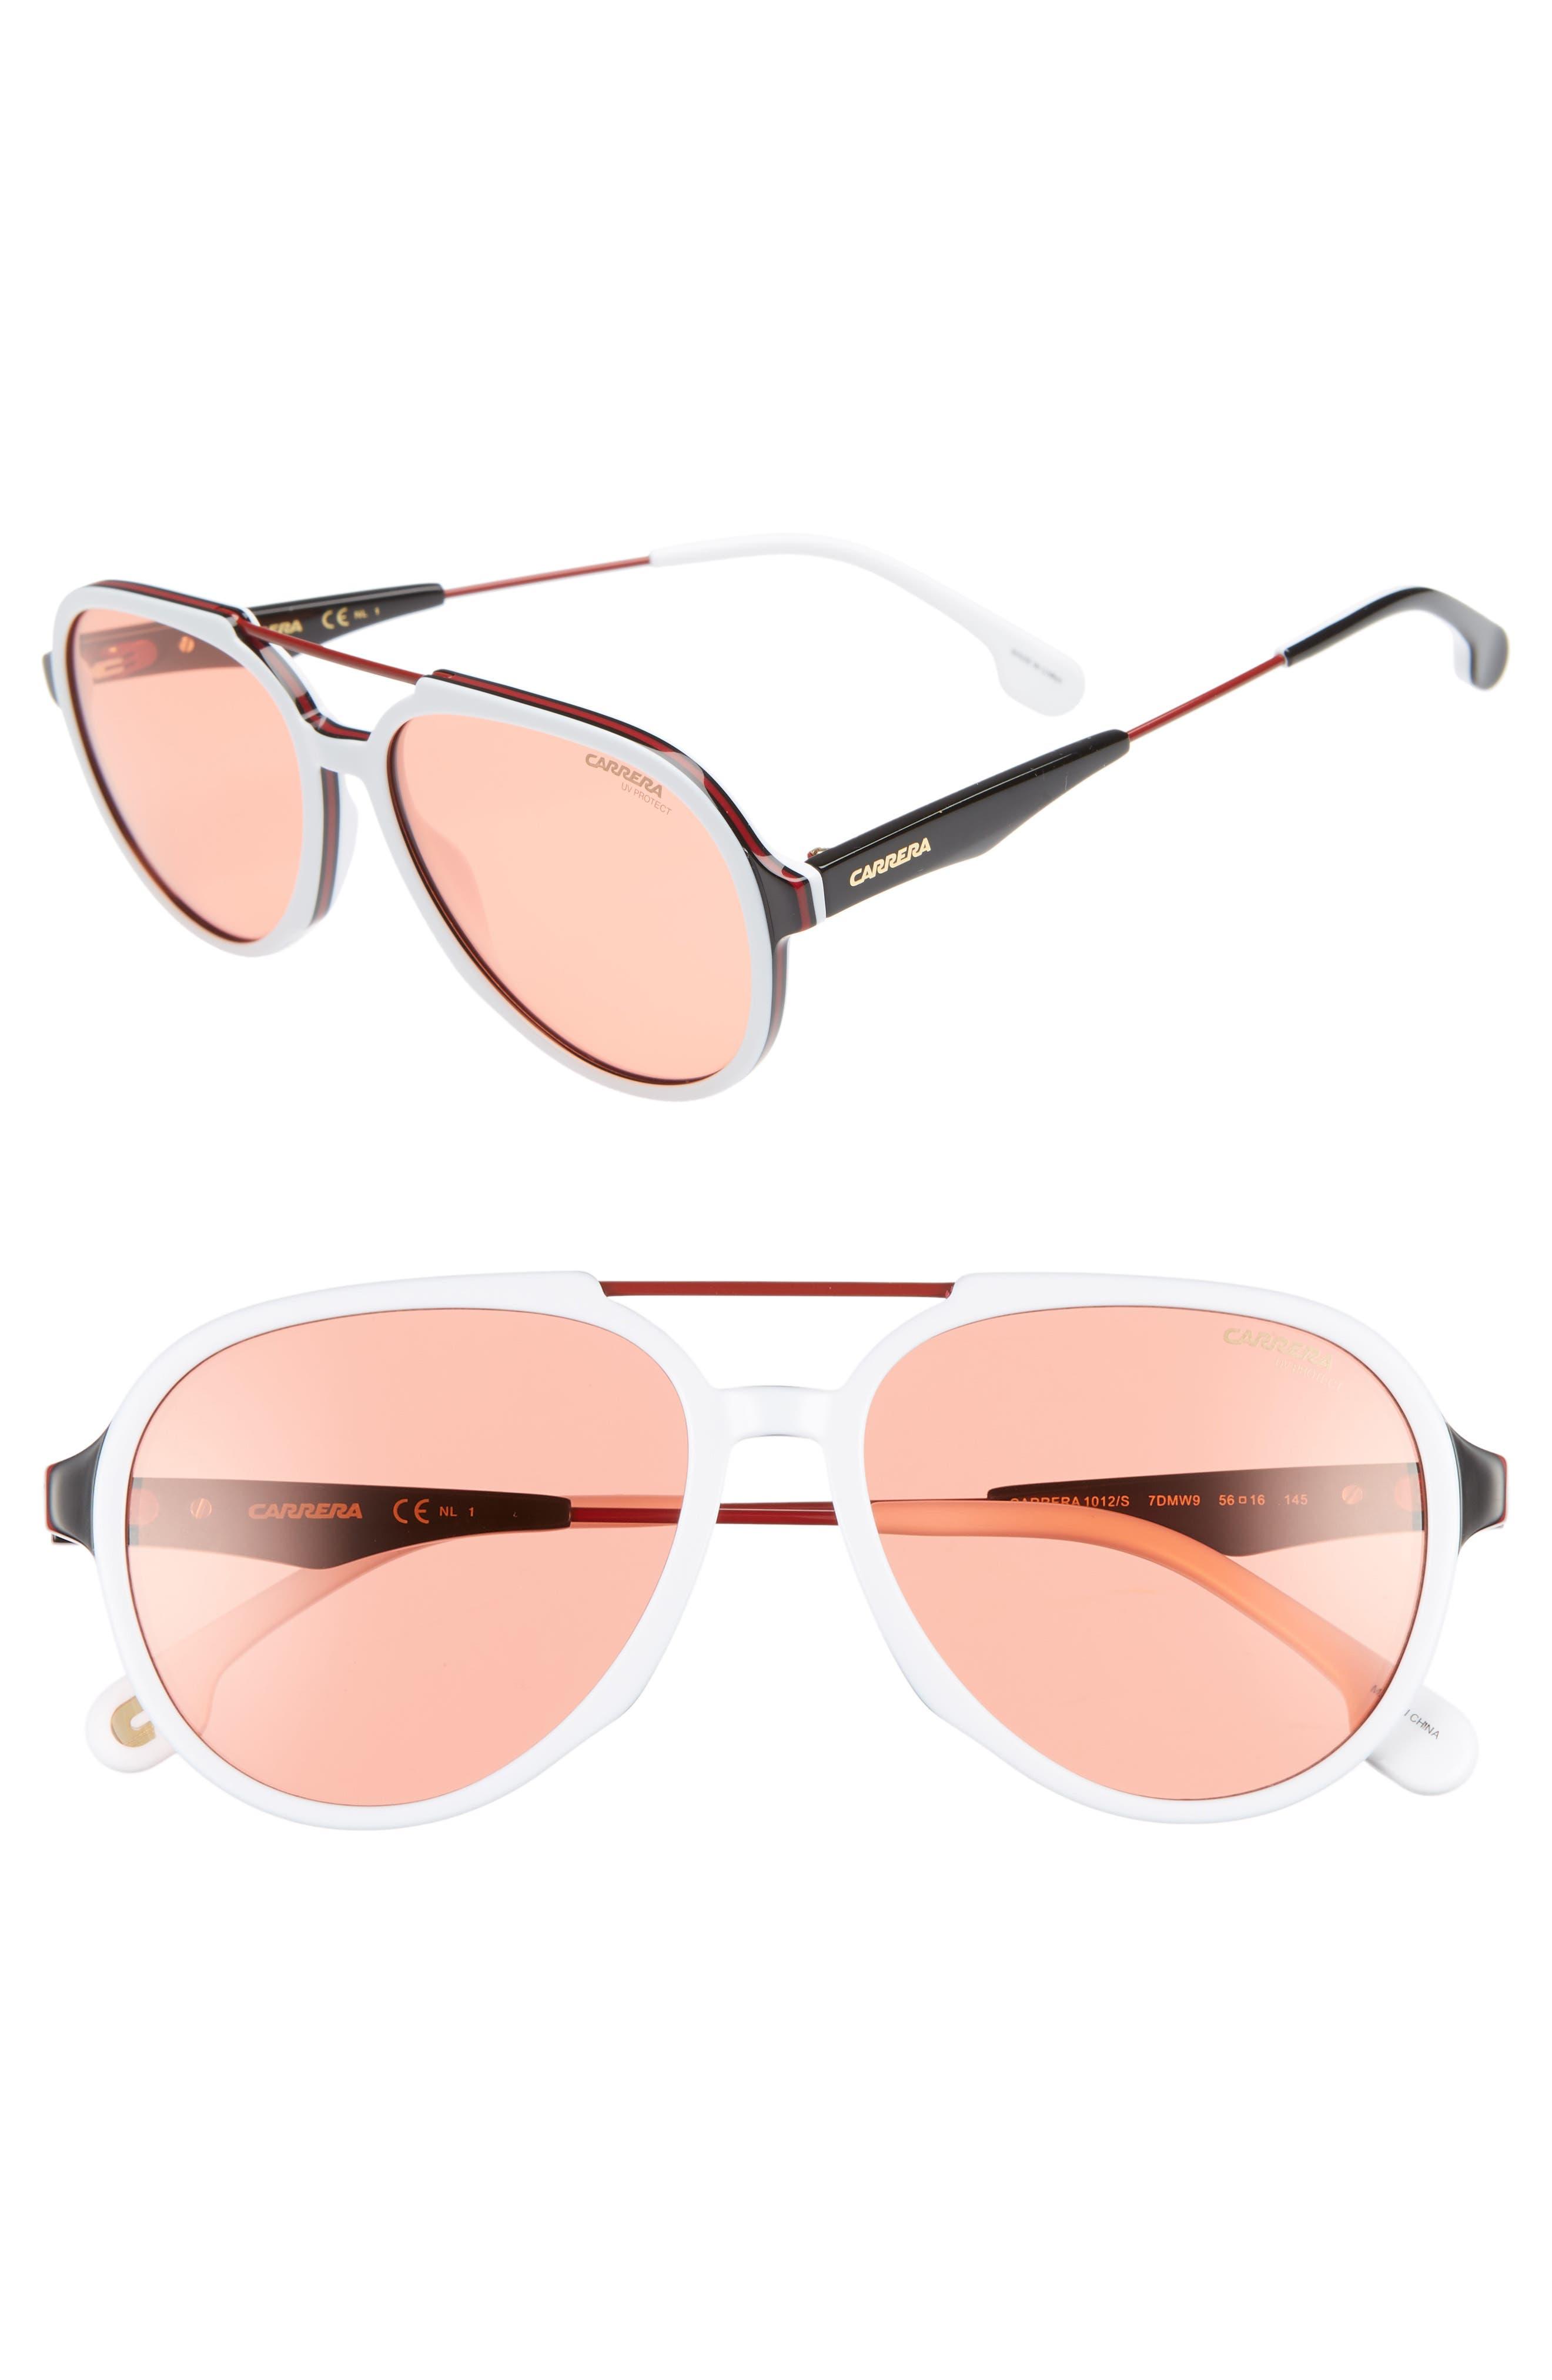 Carrera Eyewear 5m Aviator Sunglasses - White/red